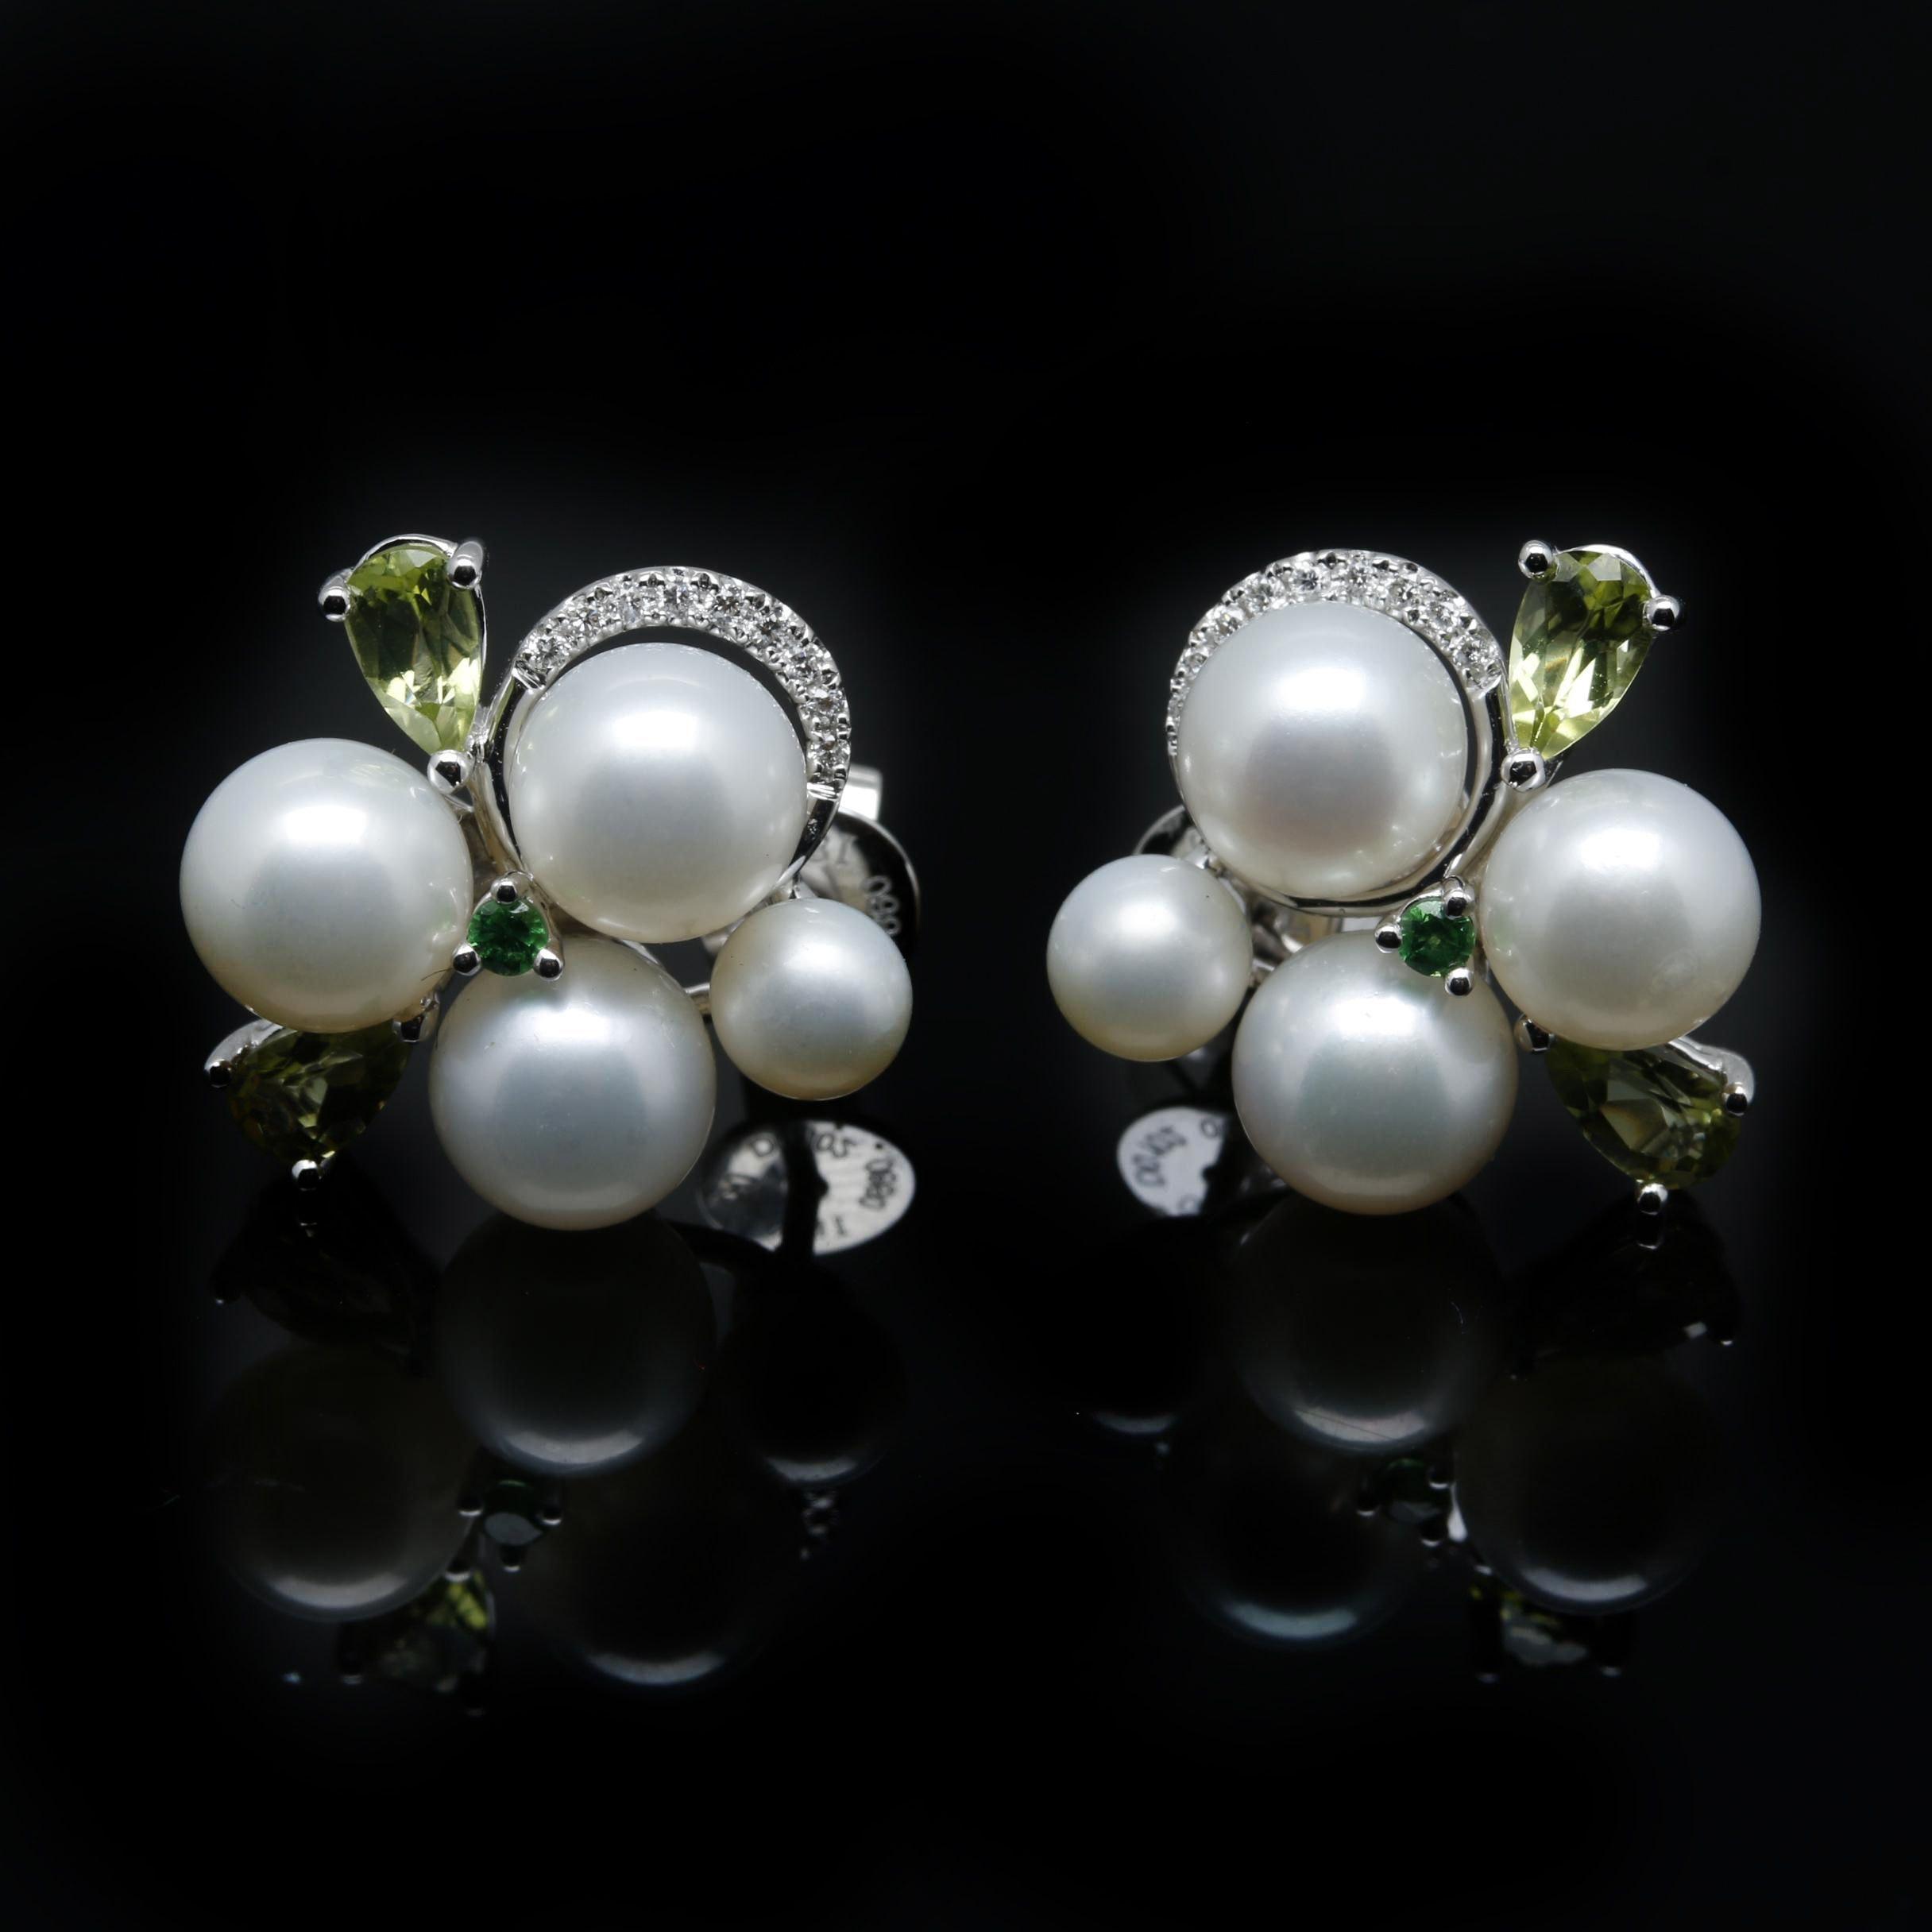 18K White Gold Diamond and Gemstone Cluster Earrings